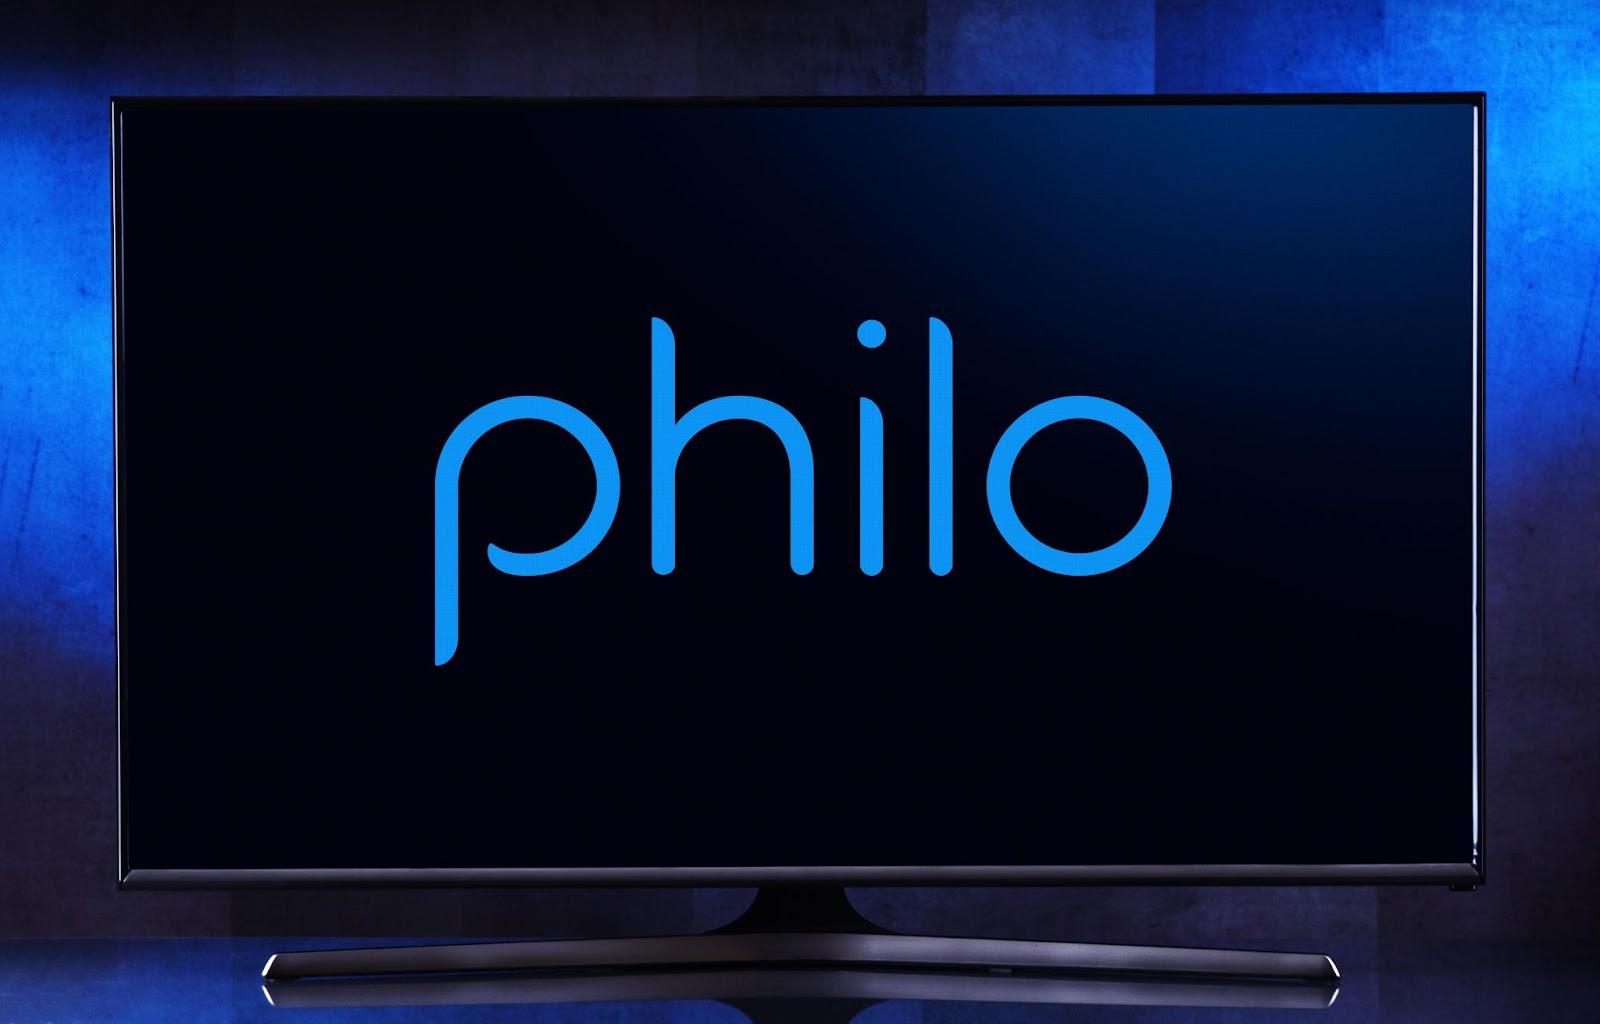 Philo TV - App, Channels, Plans & Review (2021)